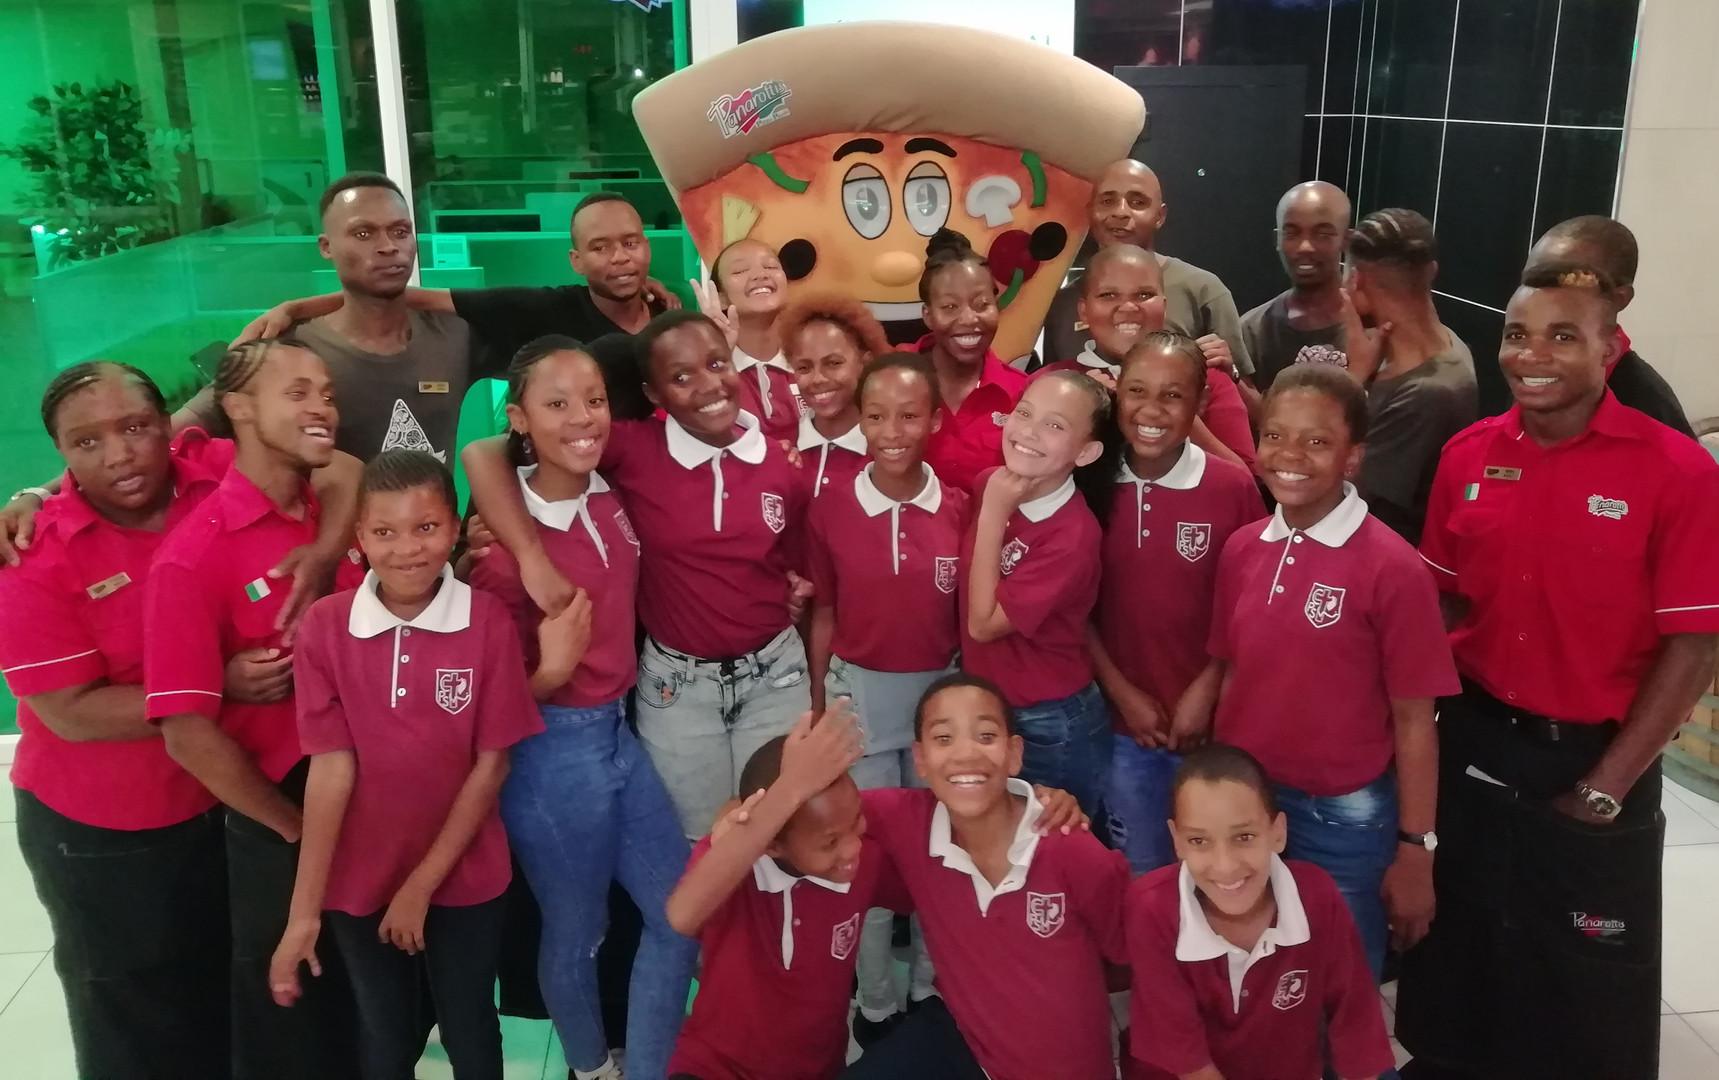 Grade 6 Fund raiser at Panarotti's